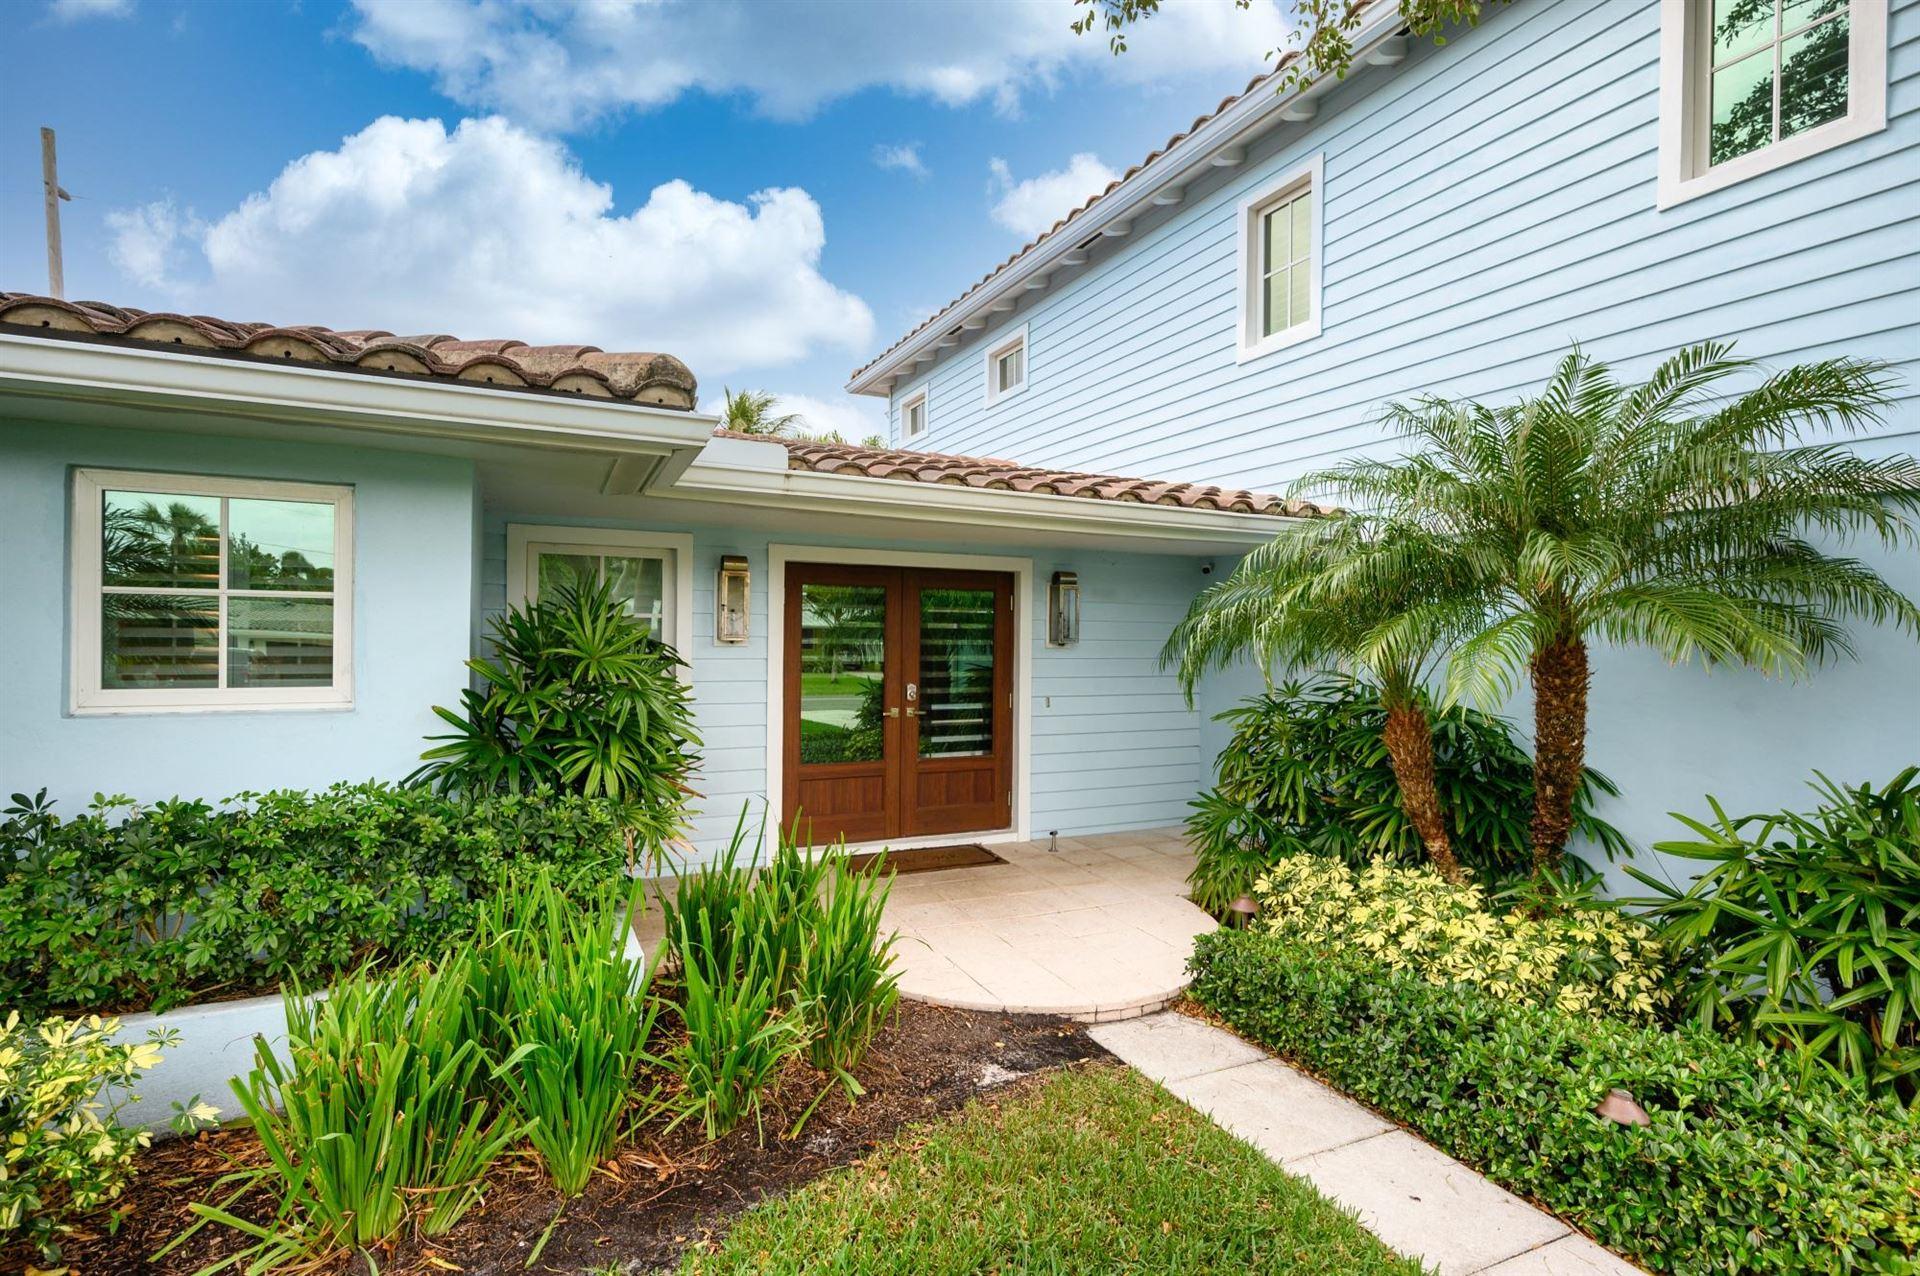 3202 Barton Road, Pompano Beach, FL 33062 - MLS#: RX-10679692